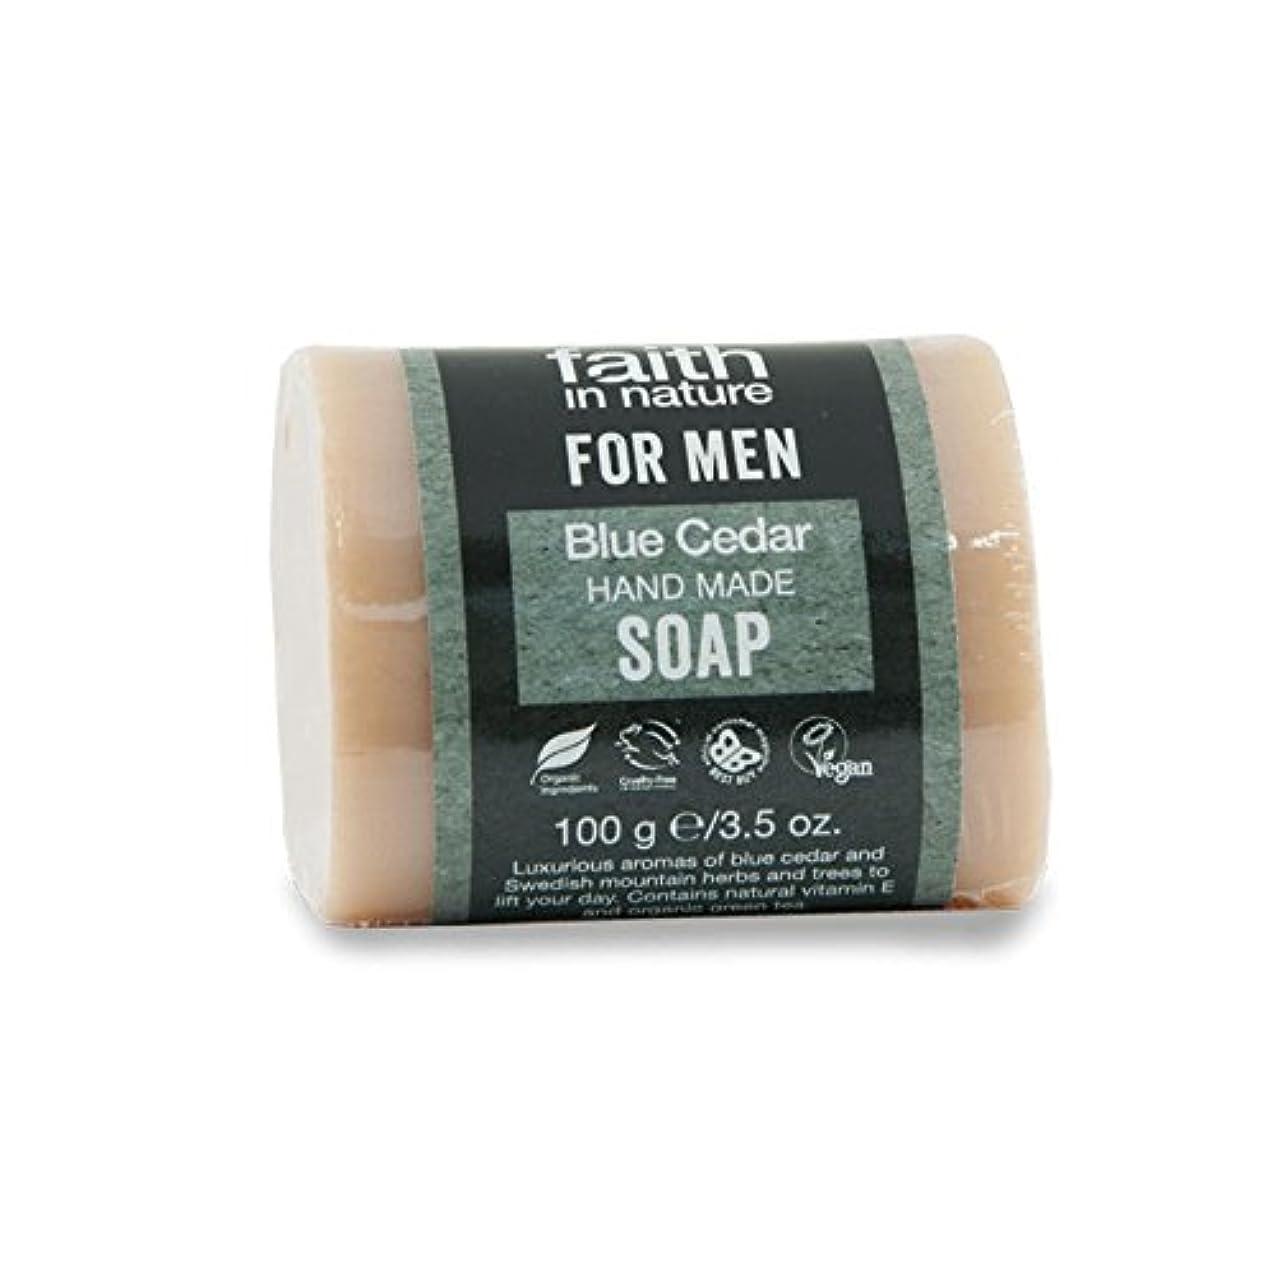 洗練水族館スチールFaith in Nature for Men Blue Cedar Soap 100g (Pack of 2) - 男性青杉の石鹸100グラムのための自然の中で信仰 (x2) [並行輸入品]